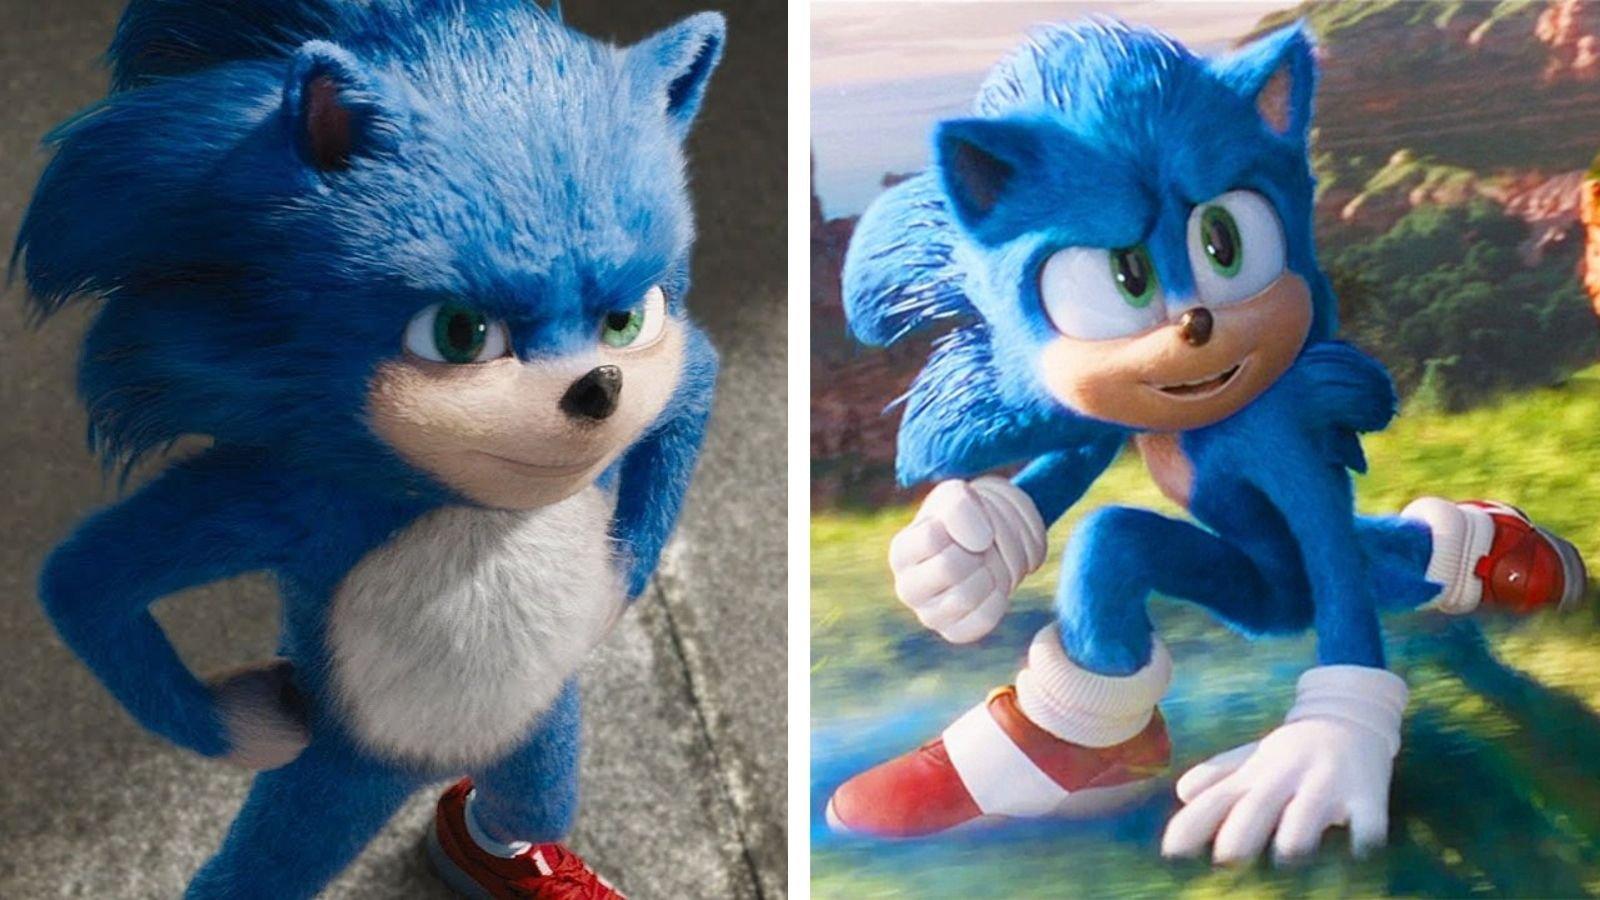 Muestra del valle inquietante con la comparativa entre los dos modelos de la película de Sonic